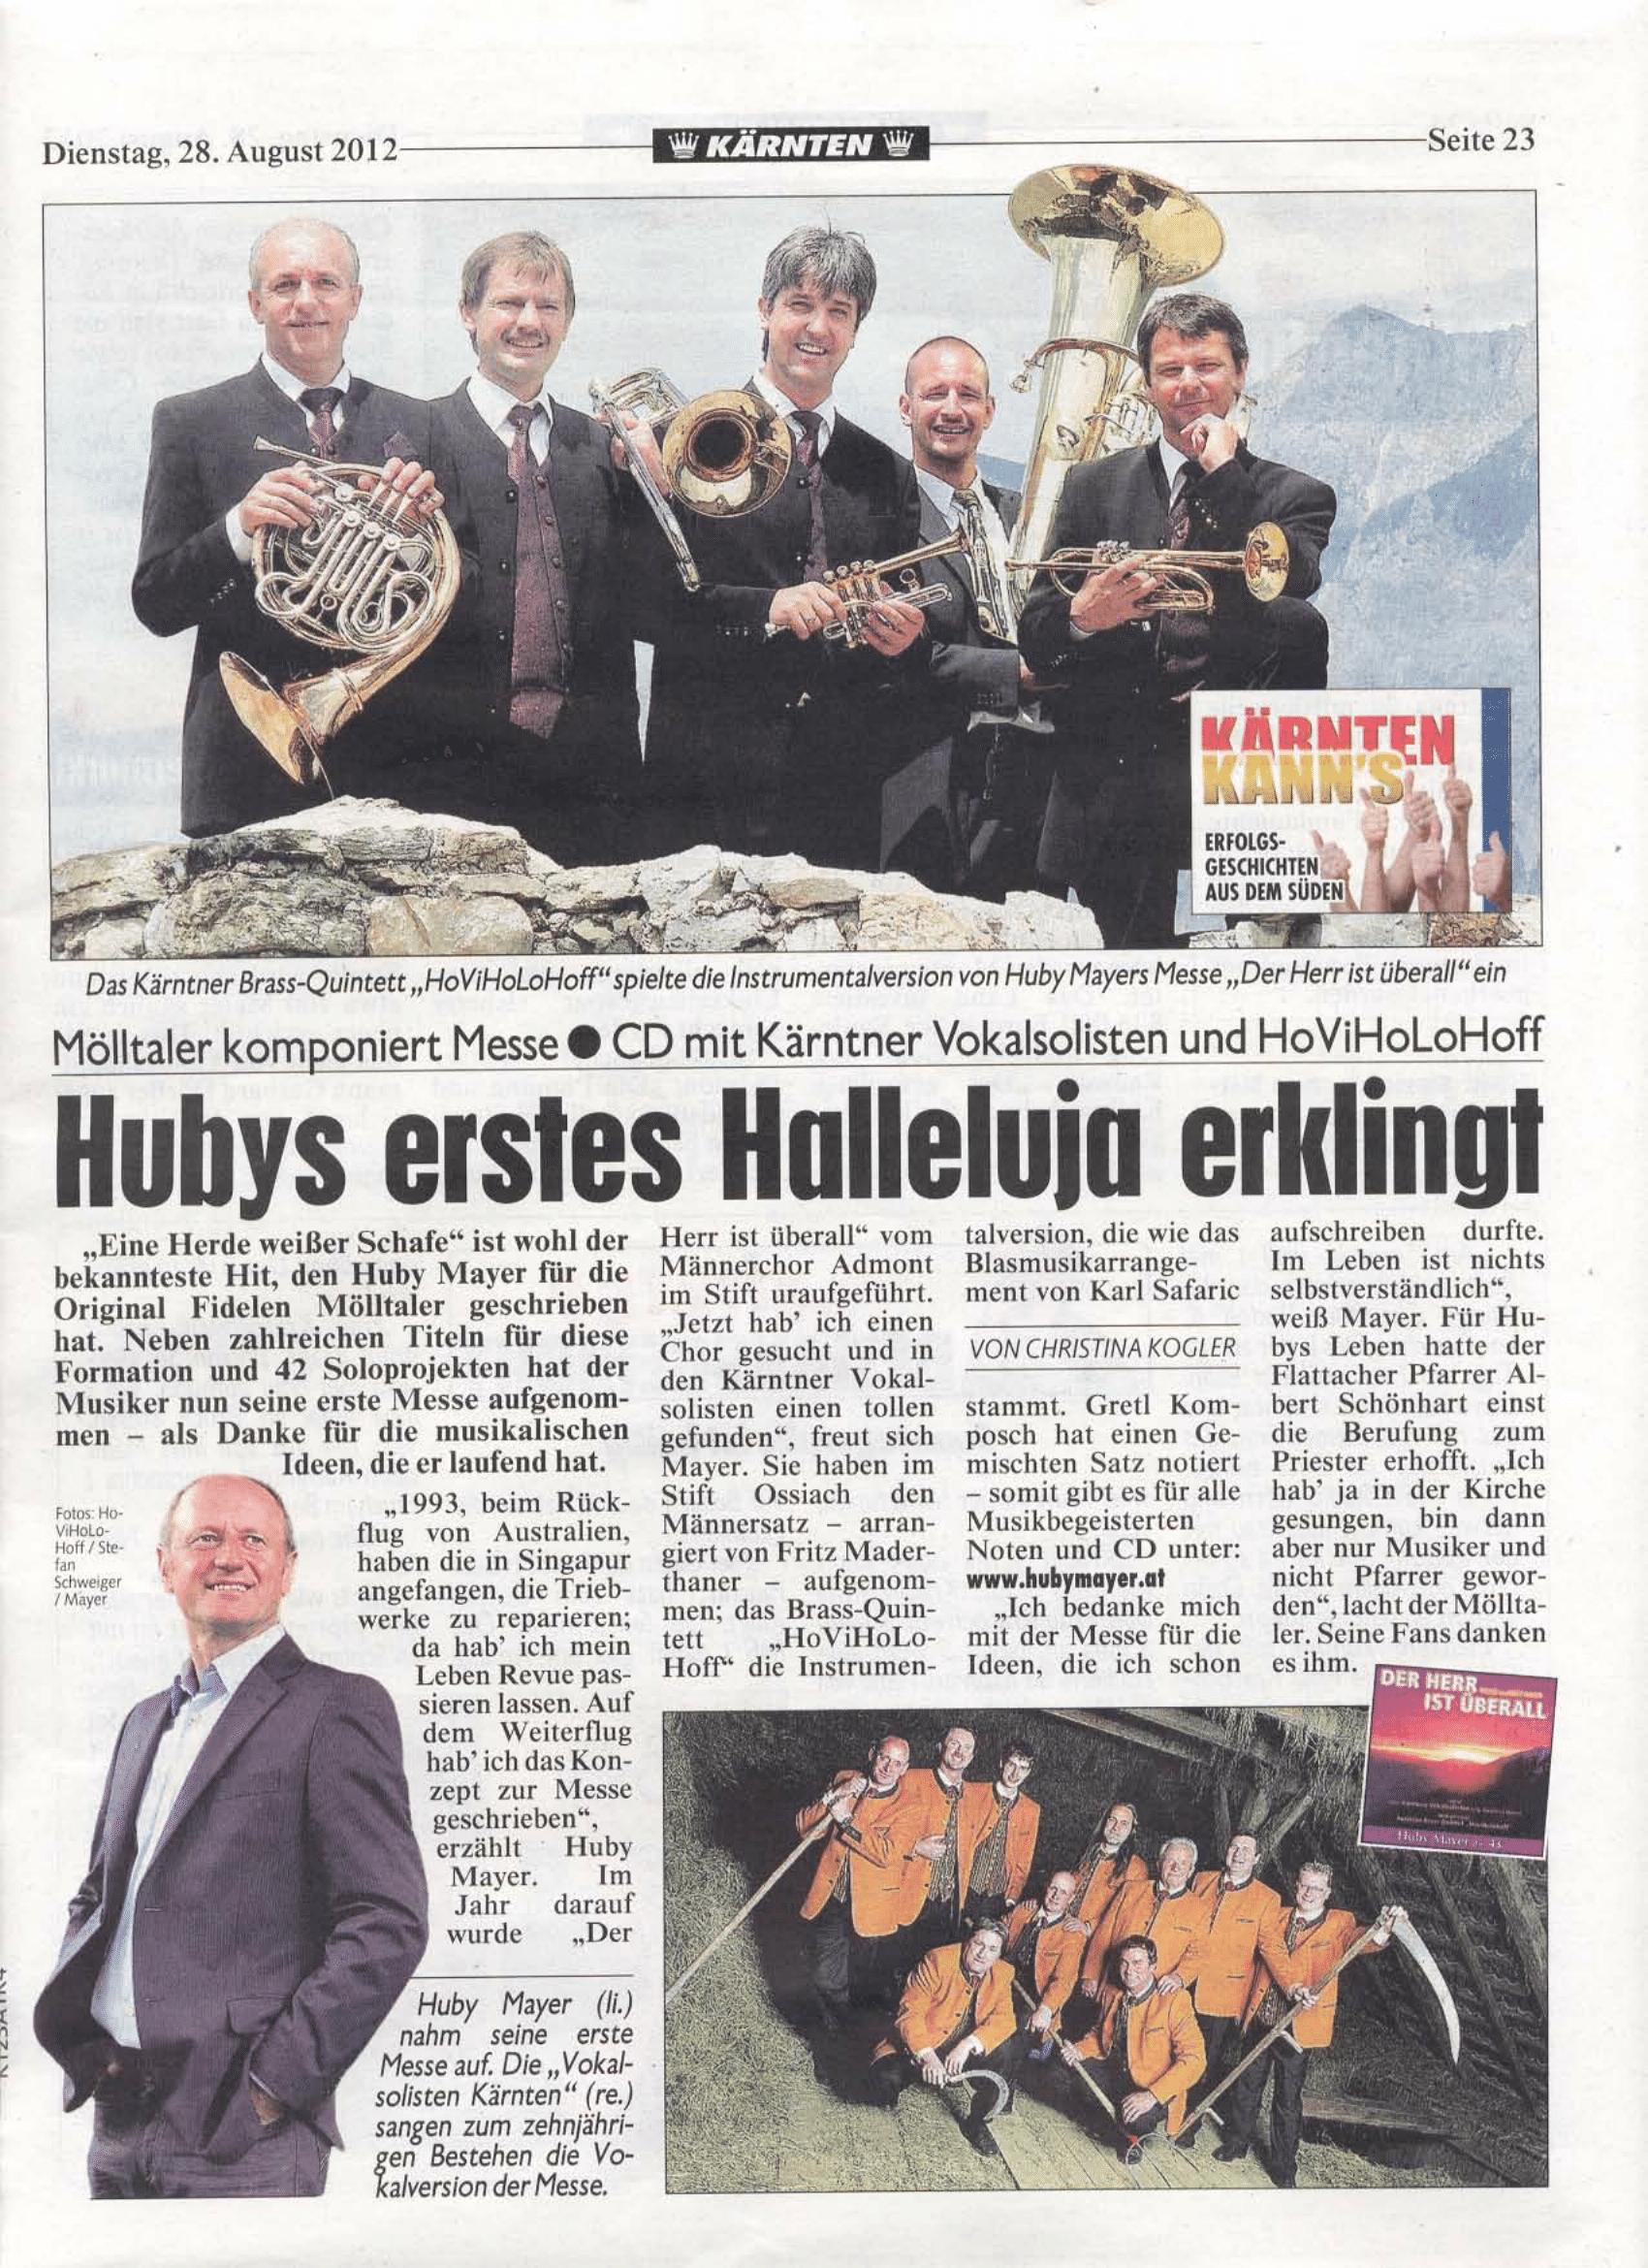 Hubys erstes Halleluja erklingt-1